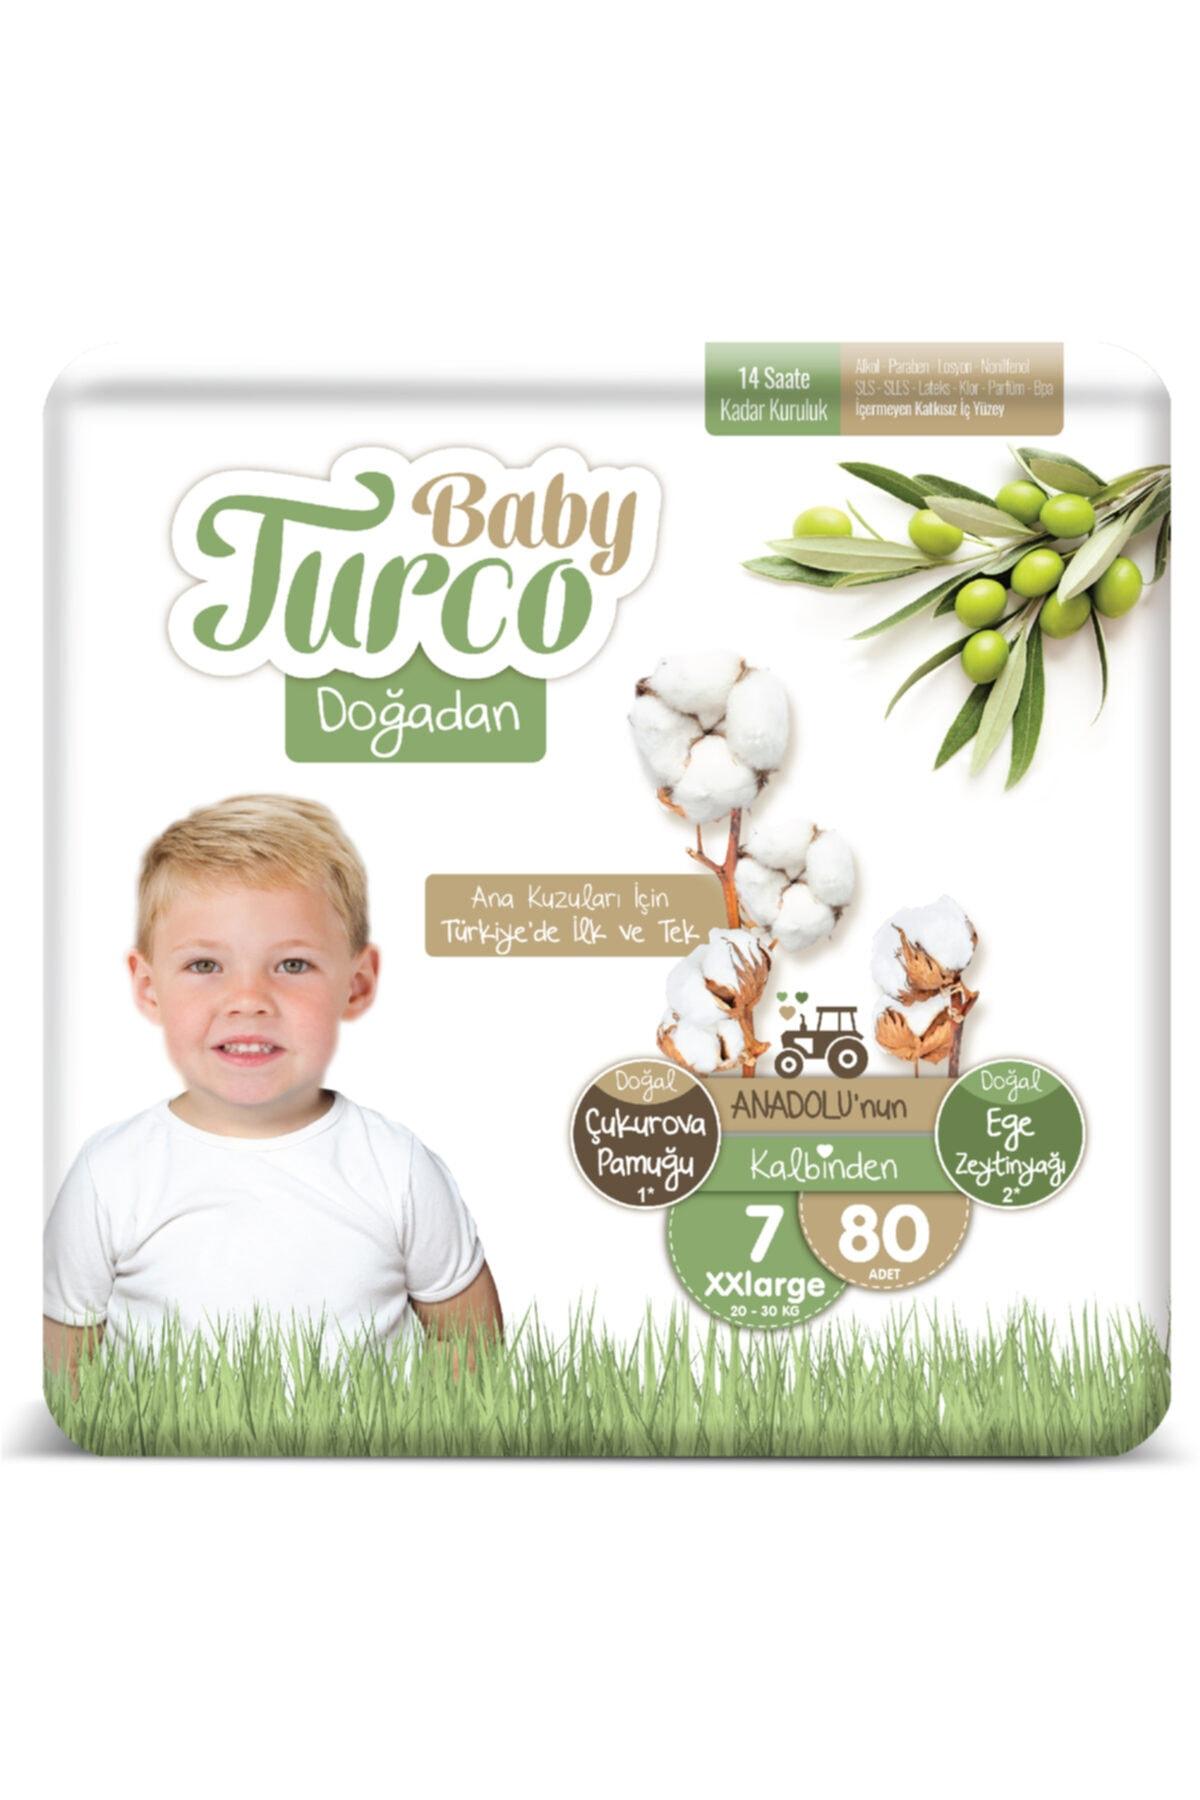 Baby Turco Doğadan Bebek Bezi 7 Numara Xxlarge 80 Adet 1